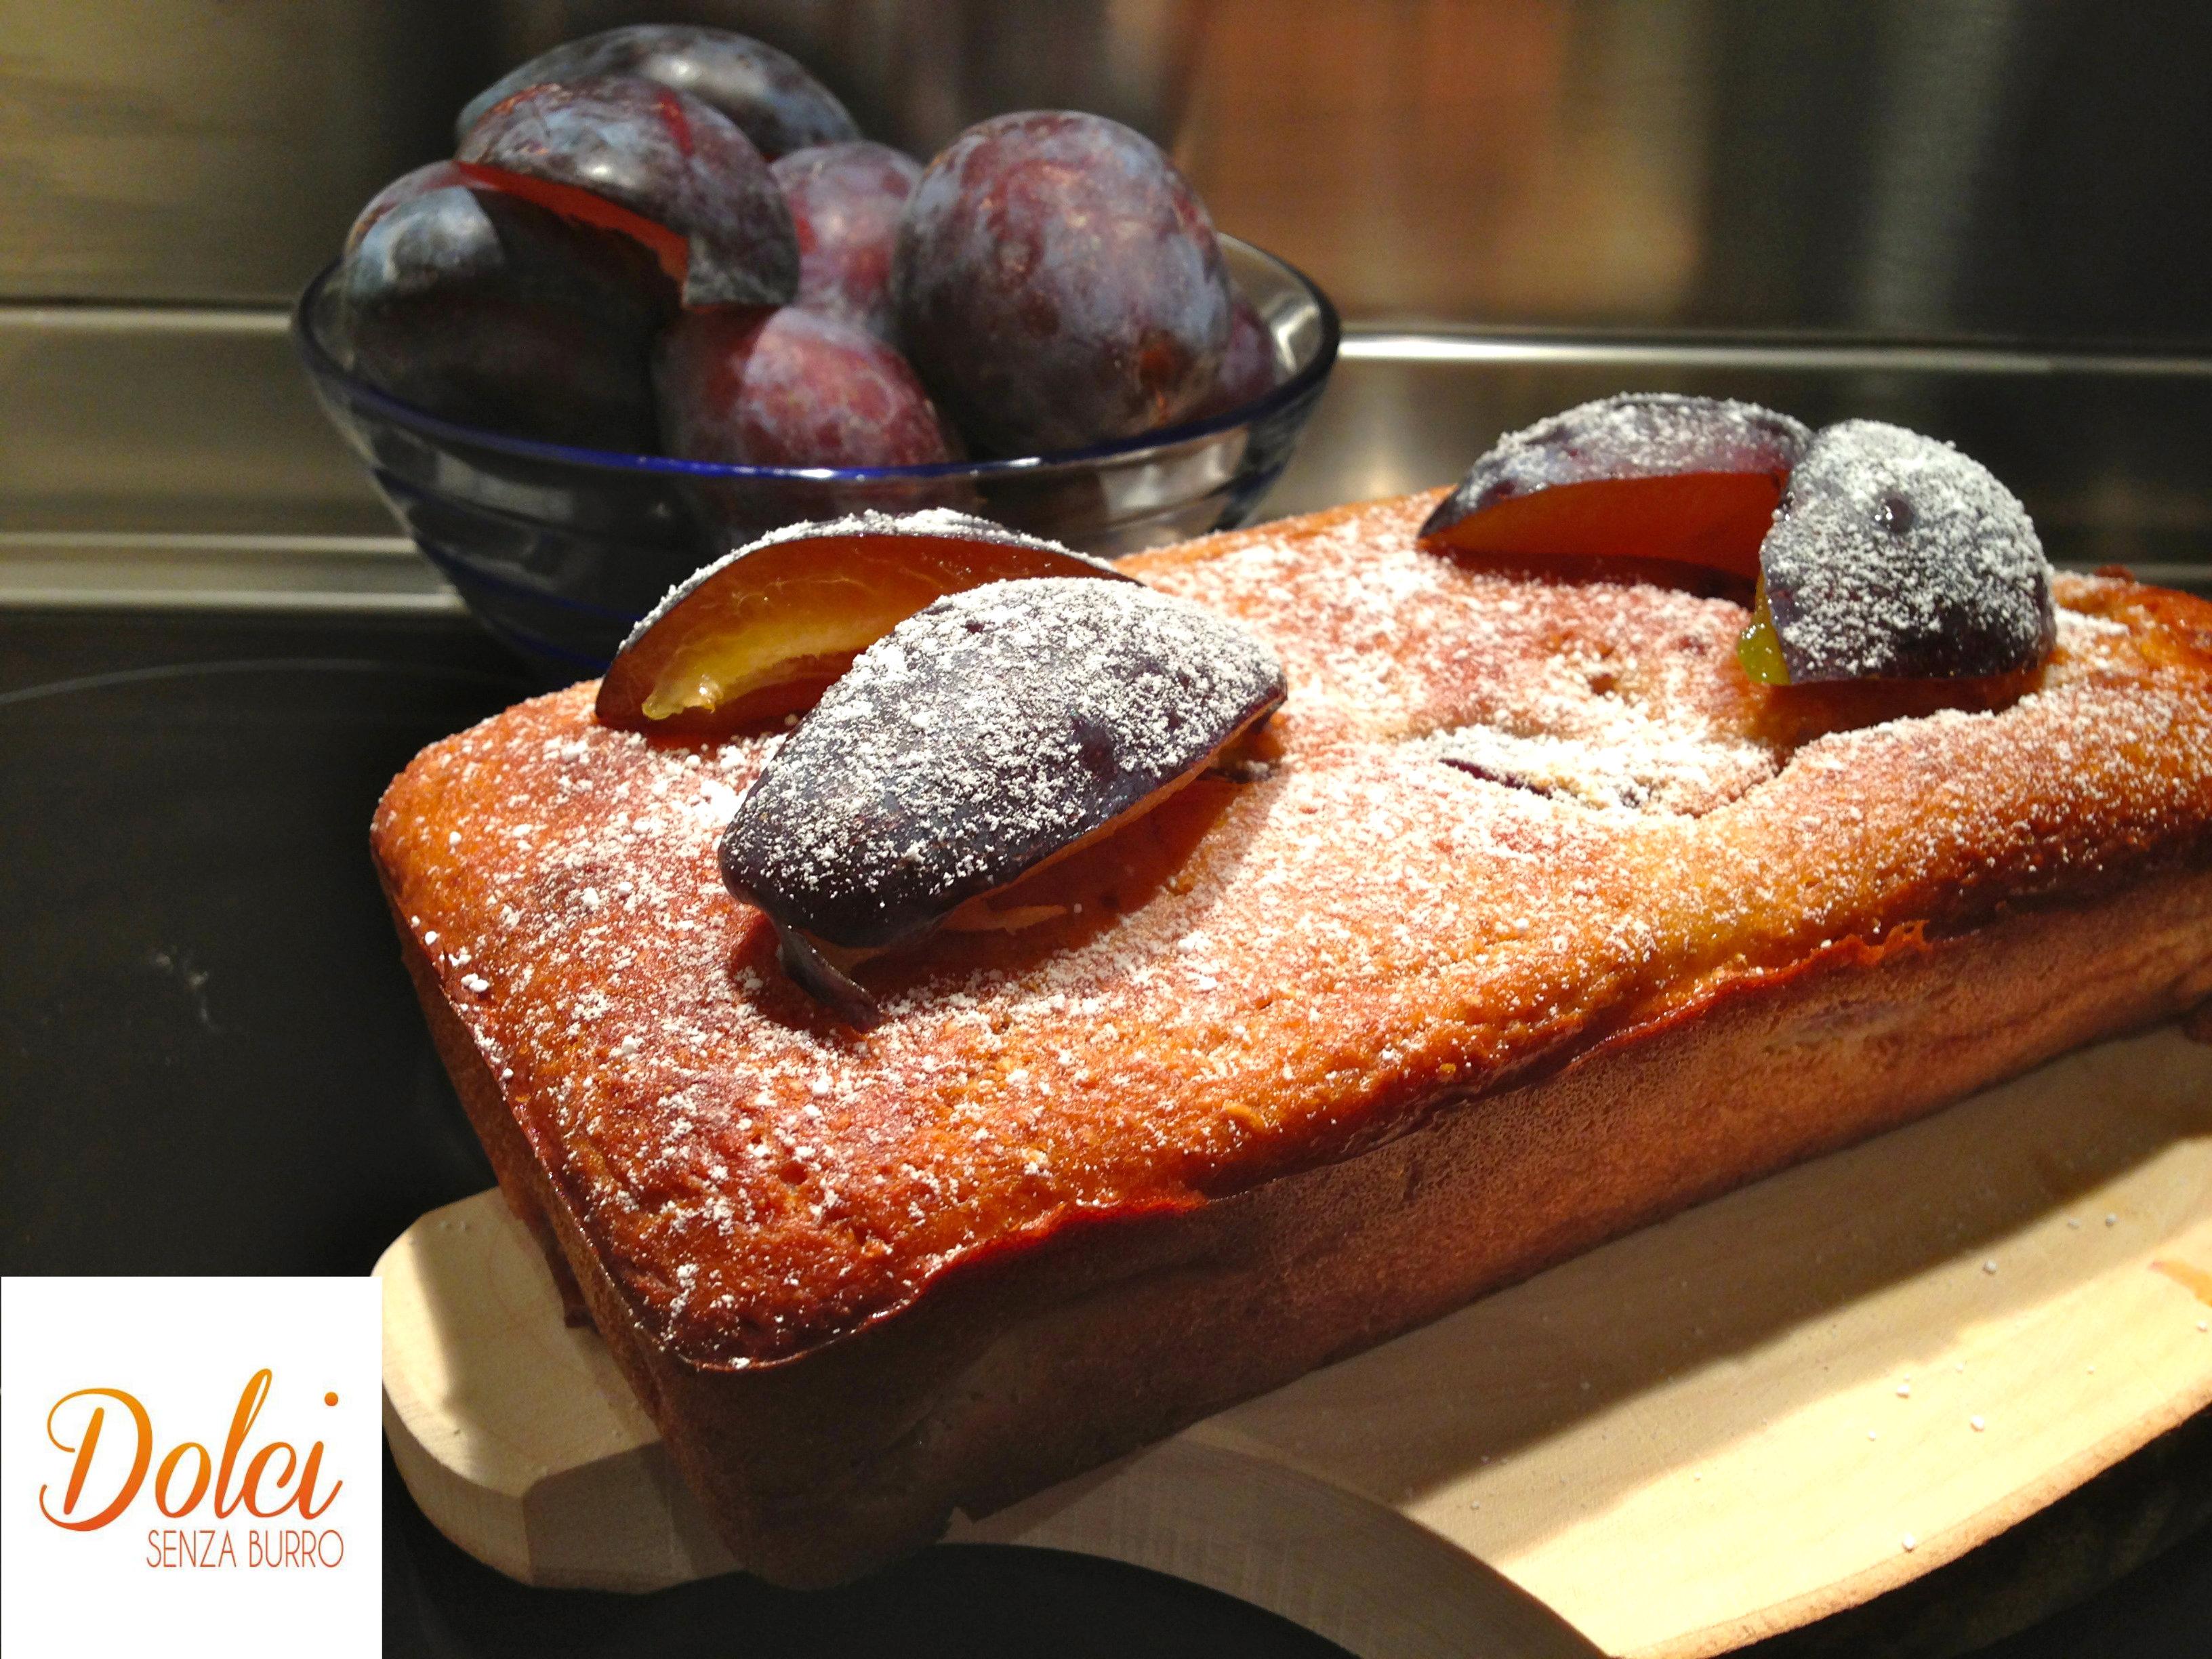 Plum Cake senza burro alle prugne, un dolce leggero di Dolci Senza Burro